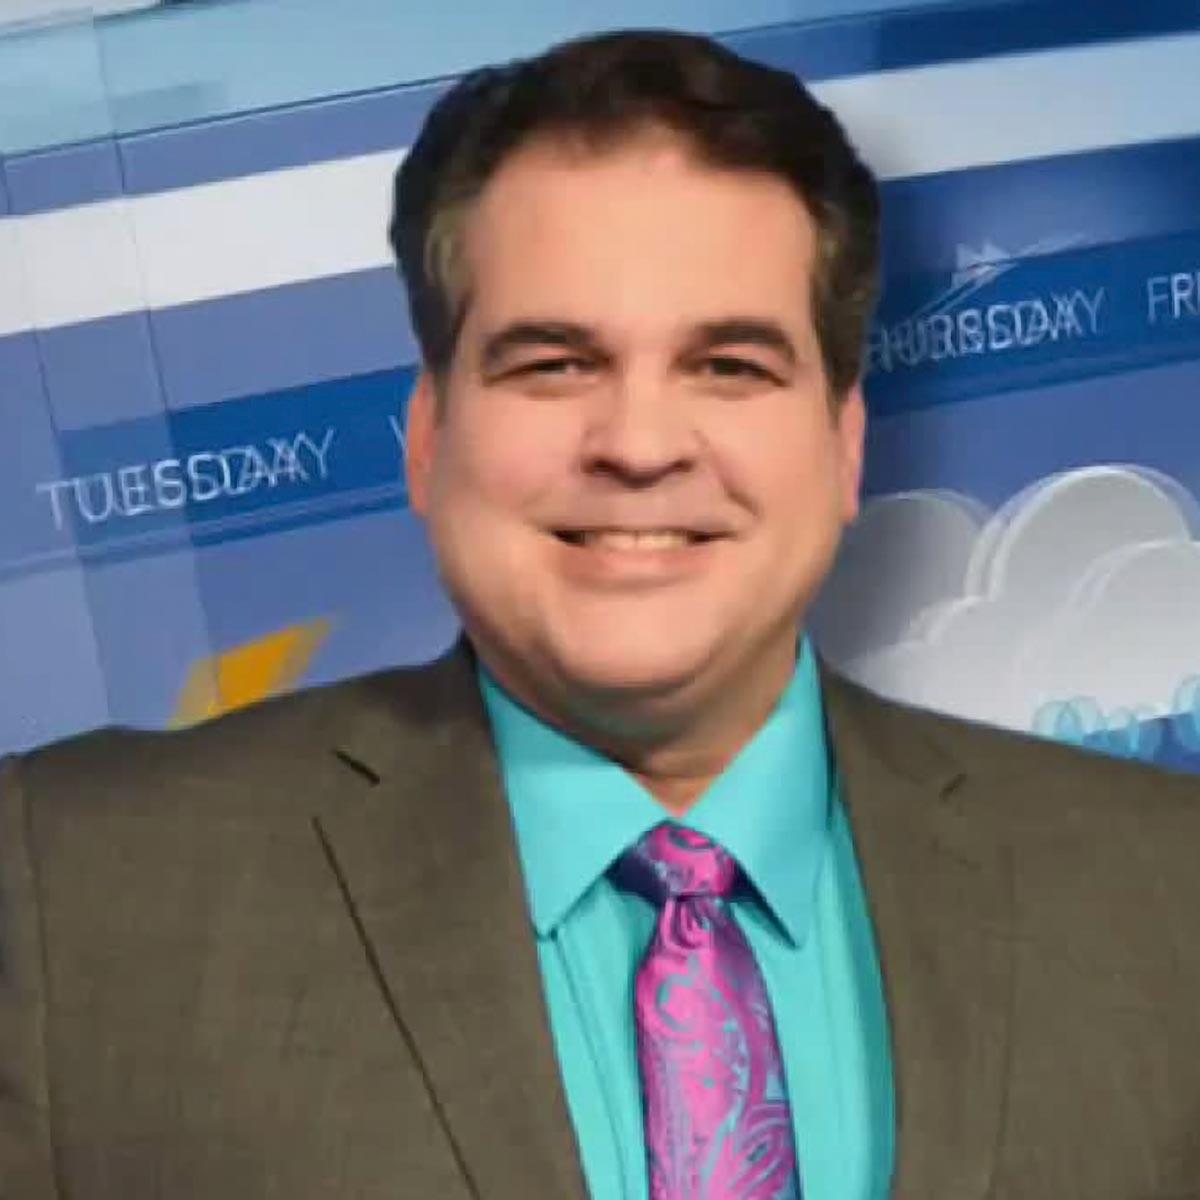 Dave Busch team member of WCAX News